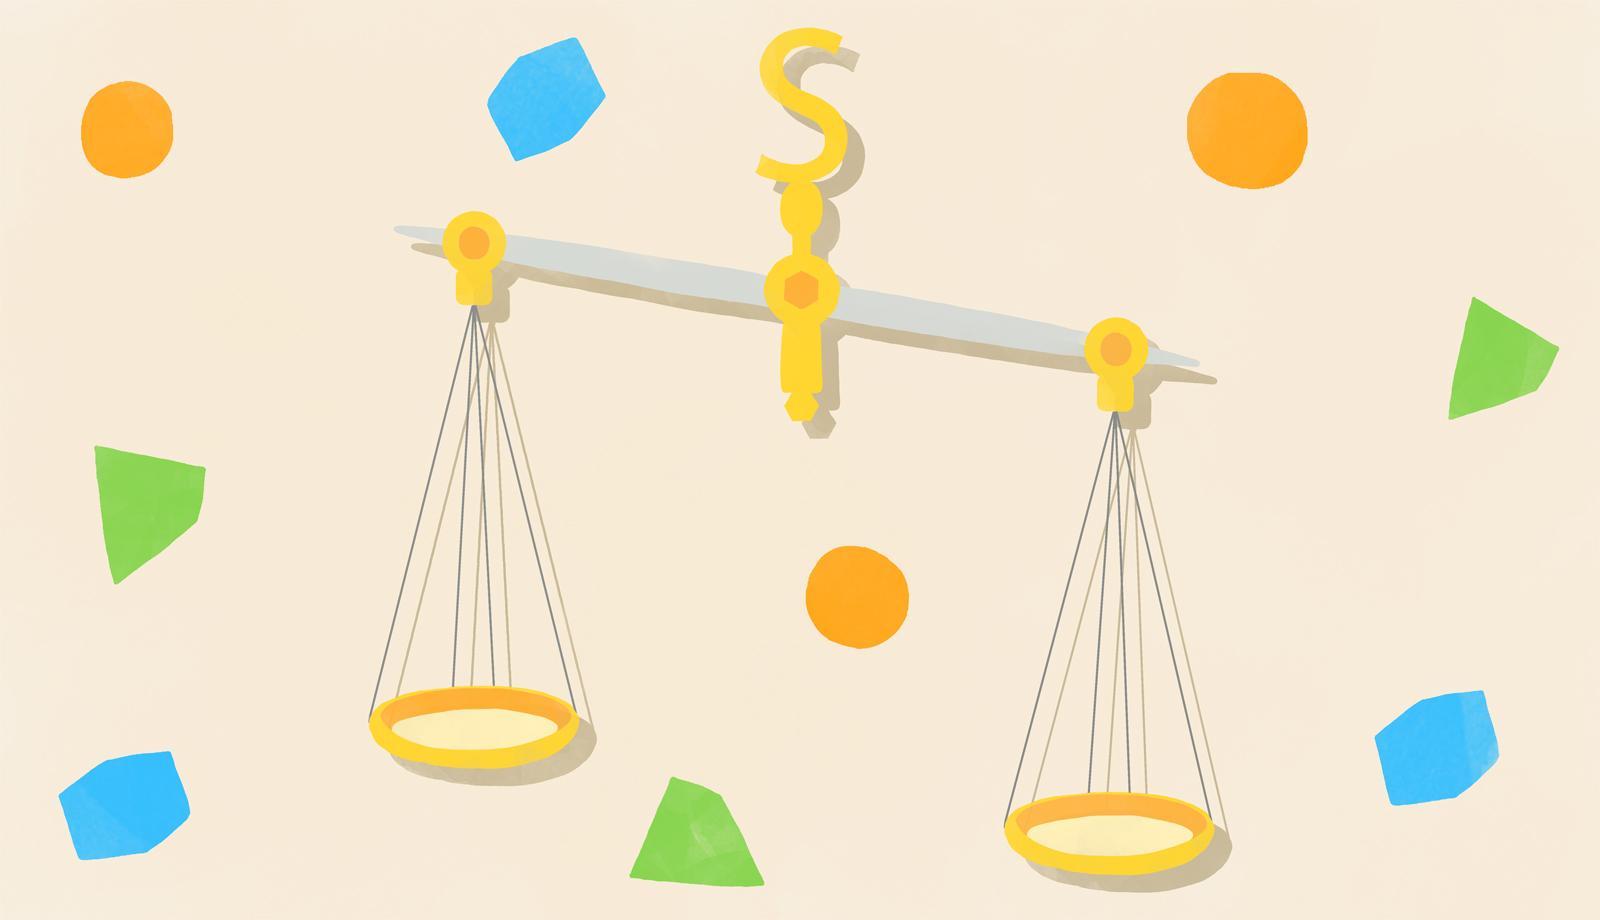 食費や交際費は収入の何パーセントが適正?賢い予算の立て方